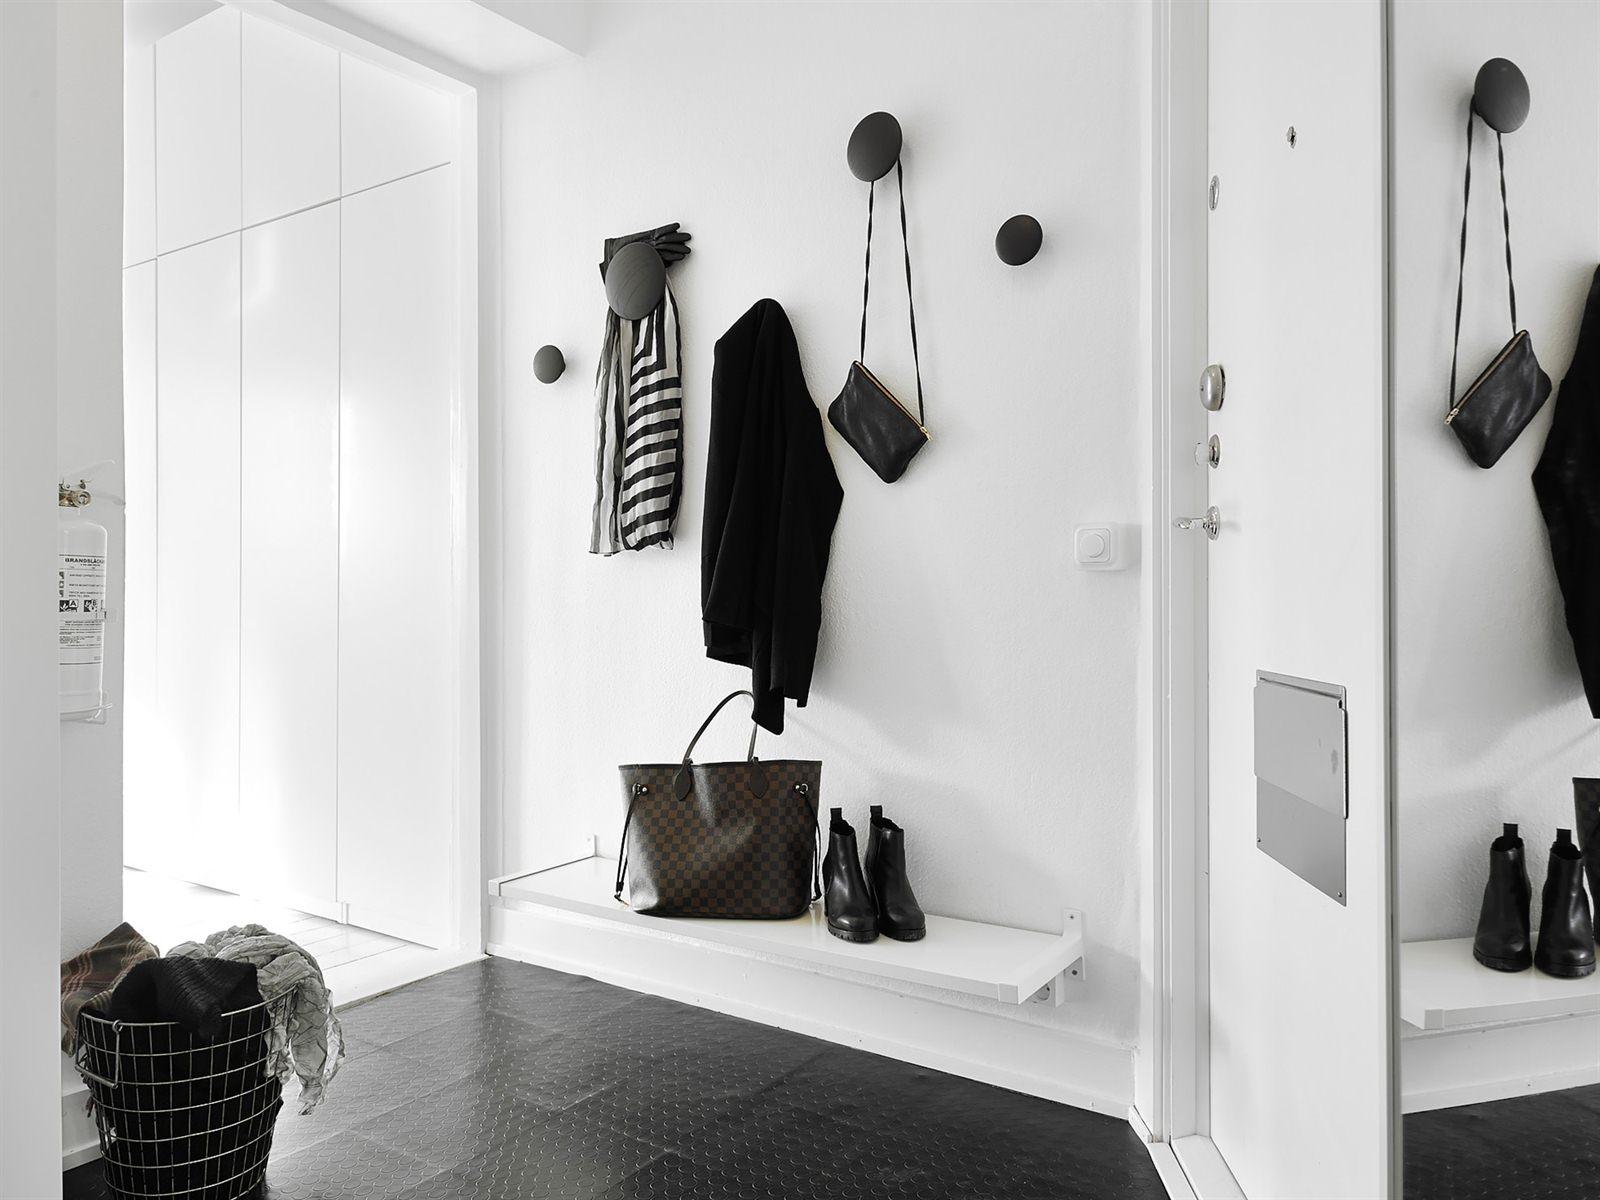 Дизайн гостиной кухни в белом цвете - Шведский стандарт: интерьер кухни гостиной в белом цвете